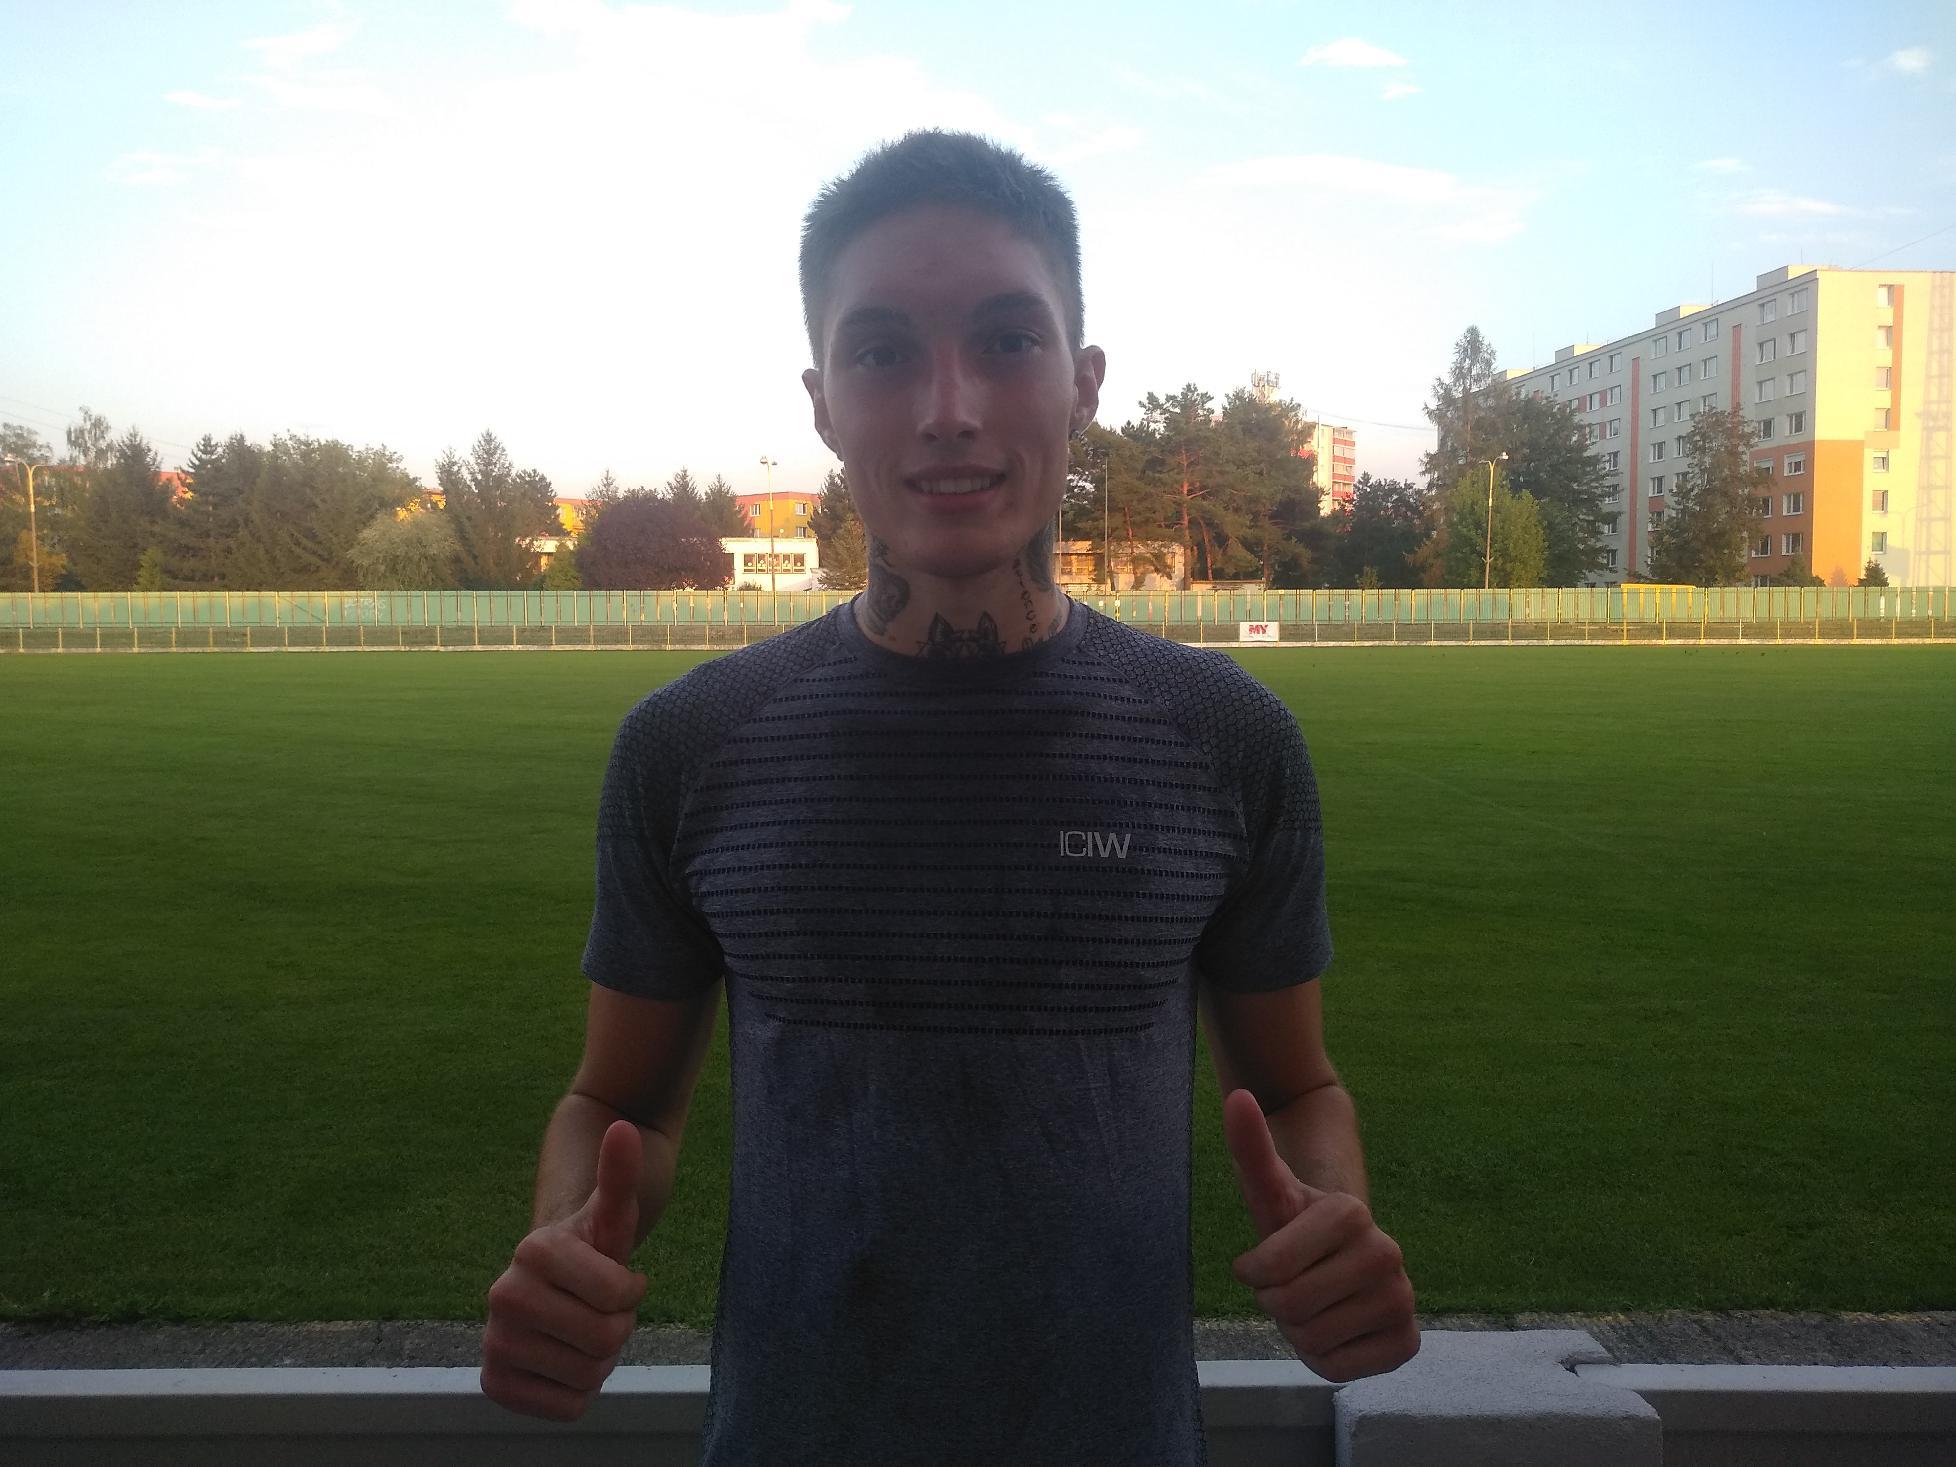 obr: Marek Sochora: Čo futbalu dáš, to sa ti vráti